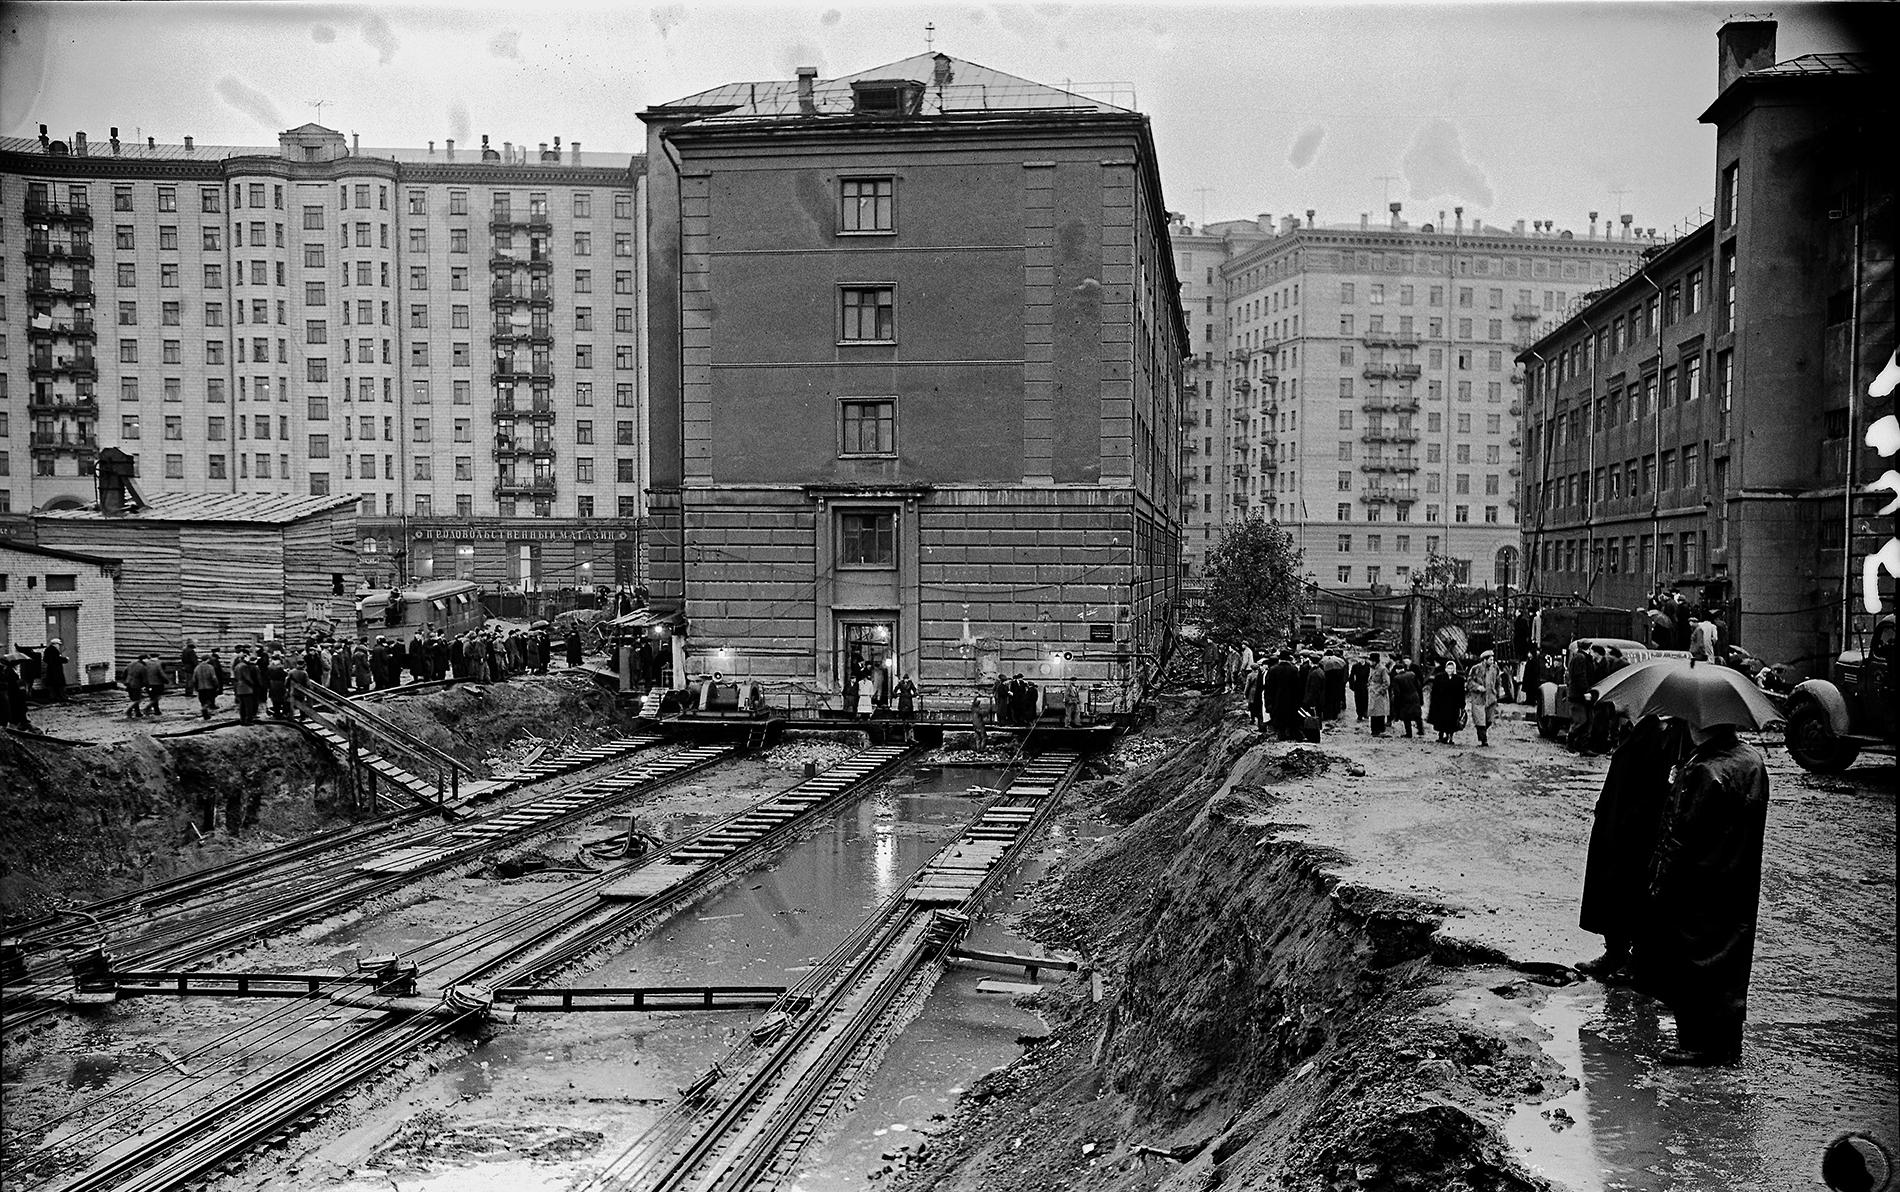 Реконструкция в Москве - дом на рельсах